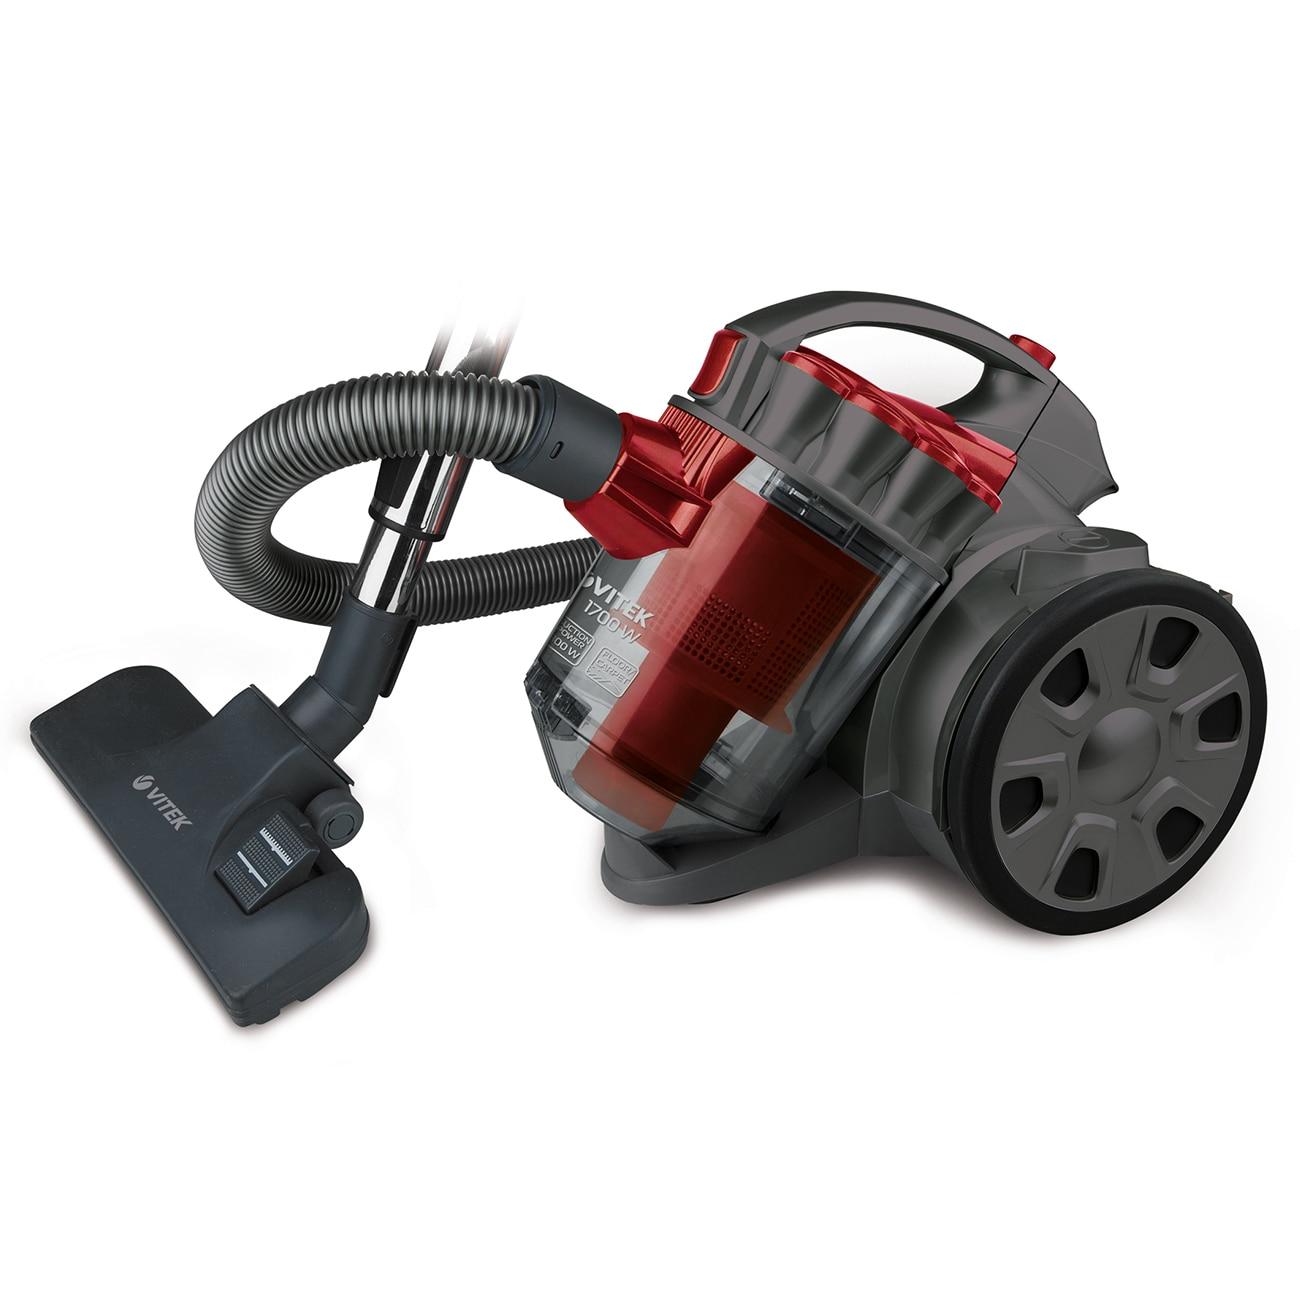 The electric vacuum cleaner Vitek VT-1895 R iiutec r cruiser robotic vacuum cleaner black